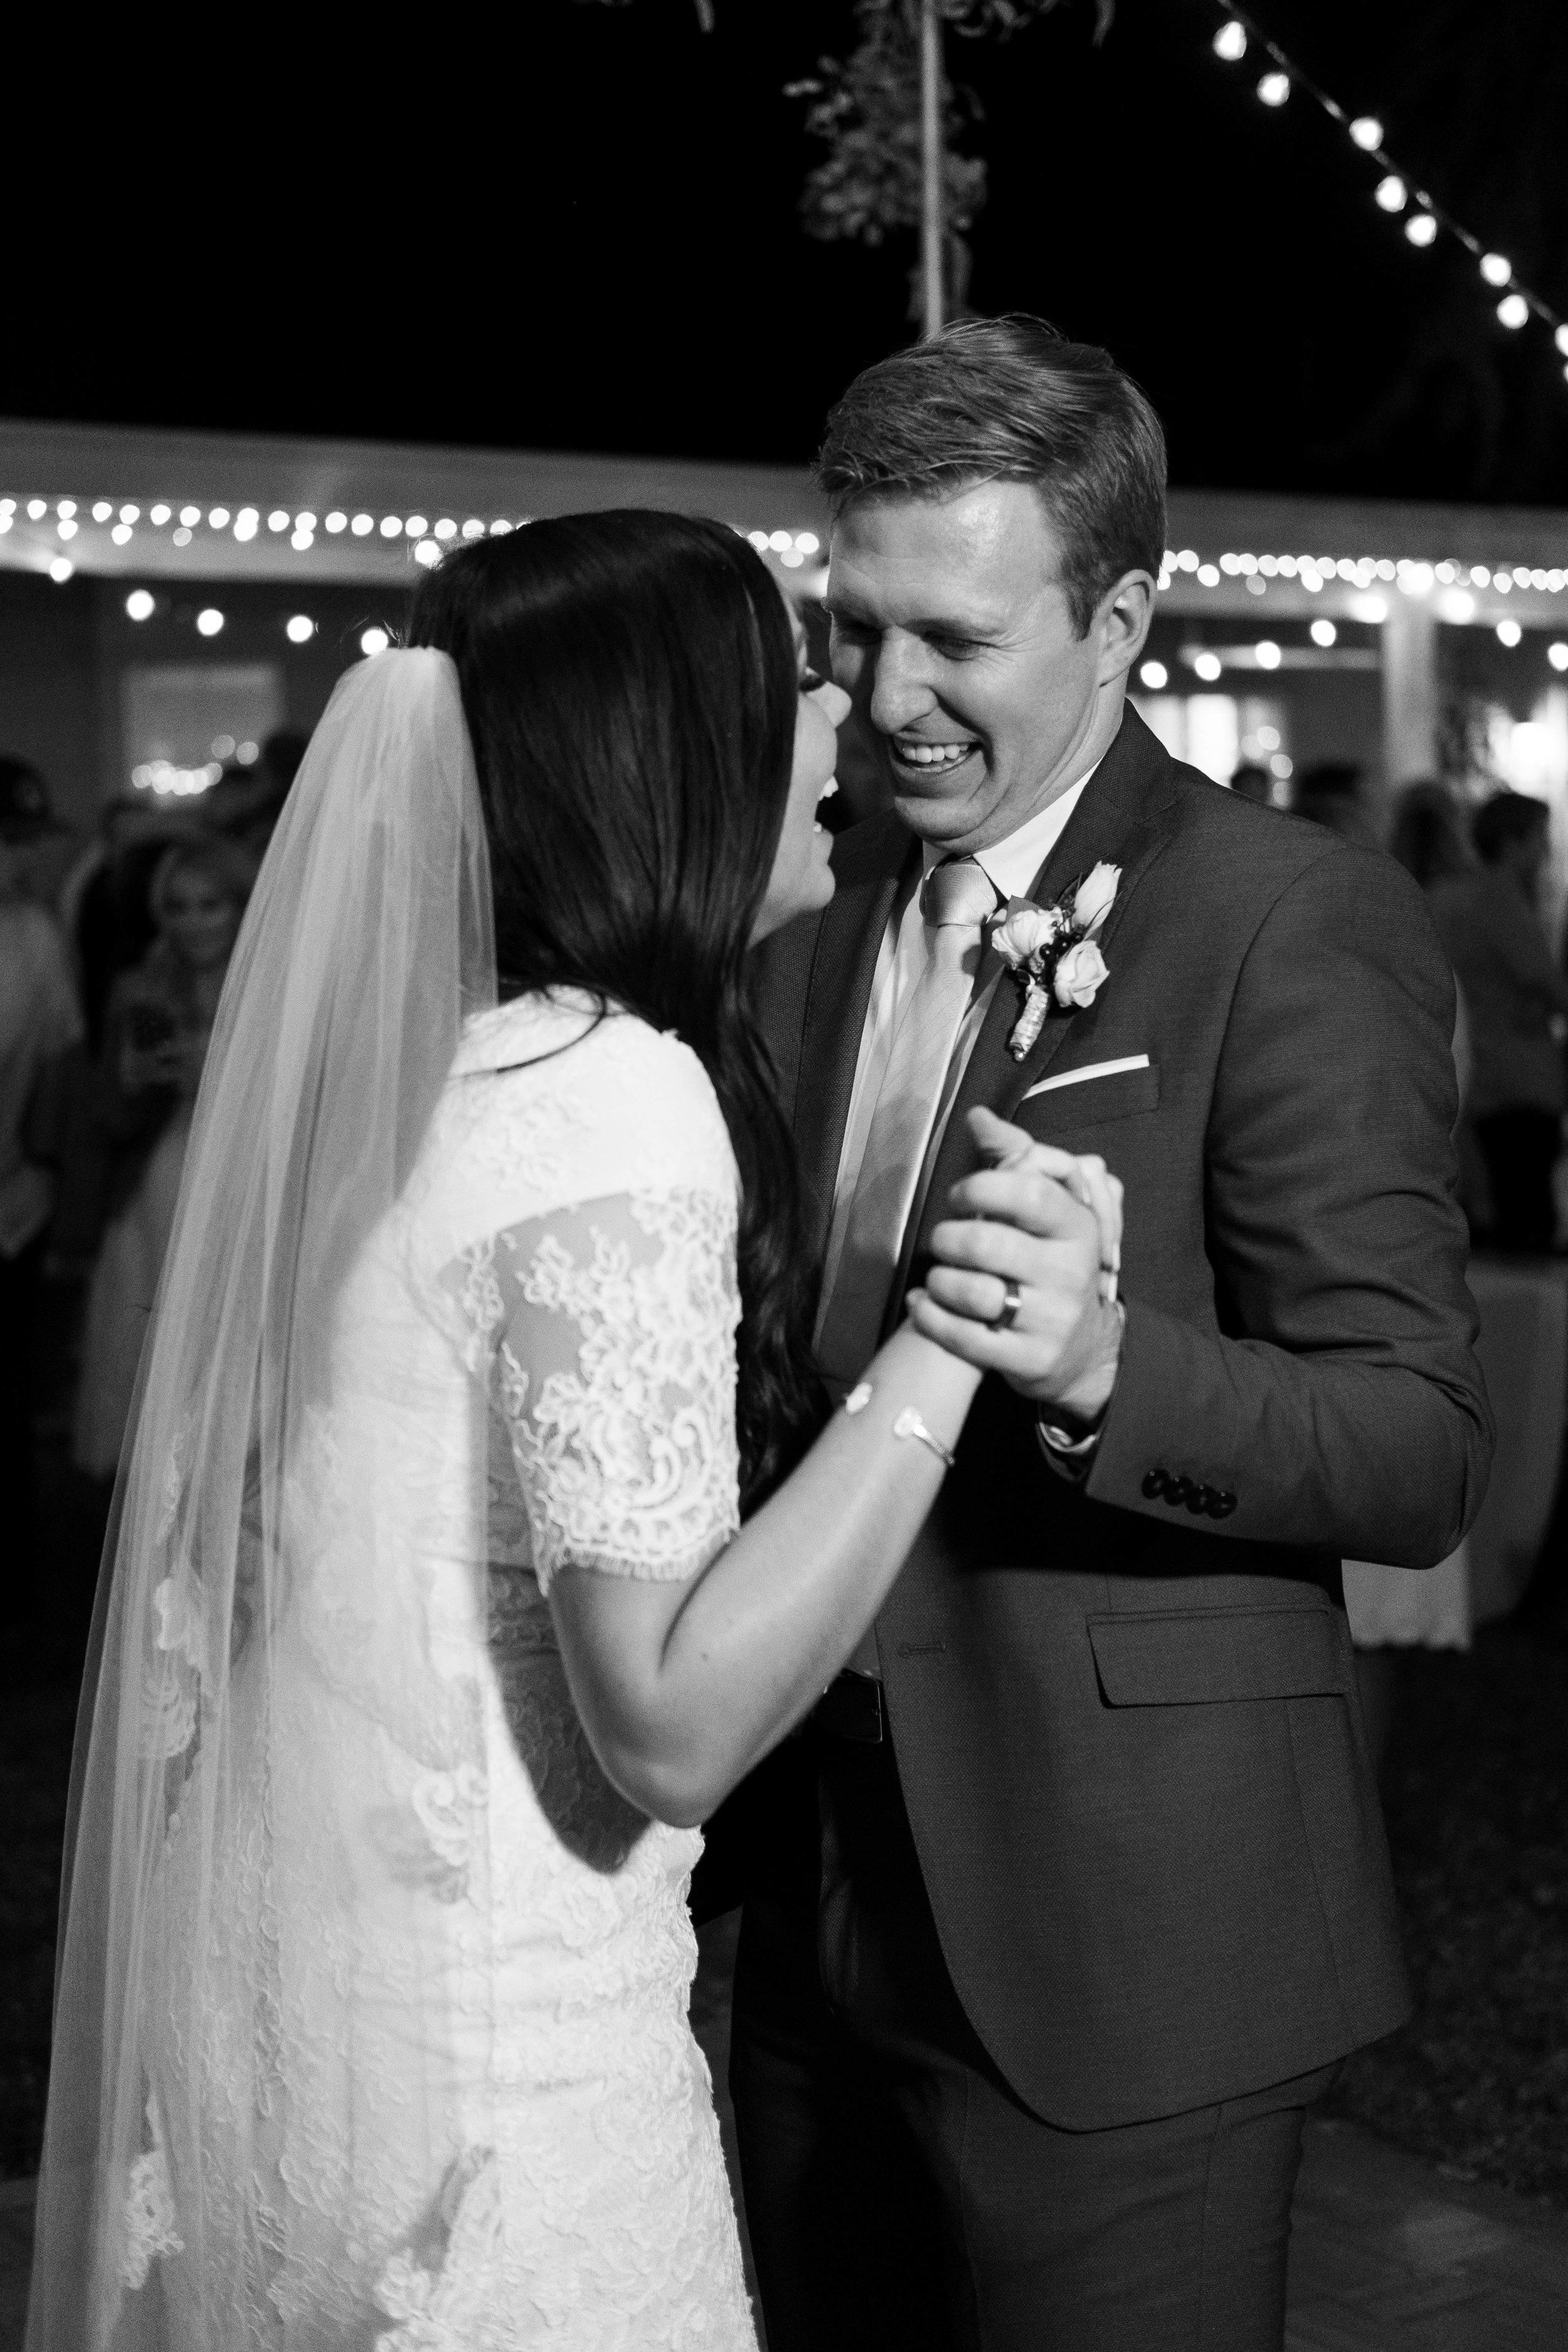 kelsandmichael_weddingphotography_coffey-255.jpg